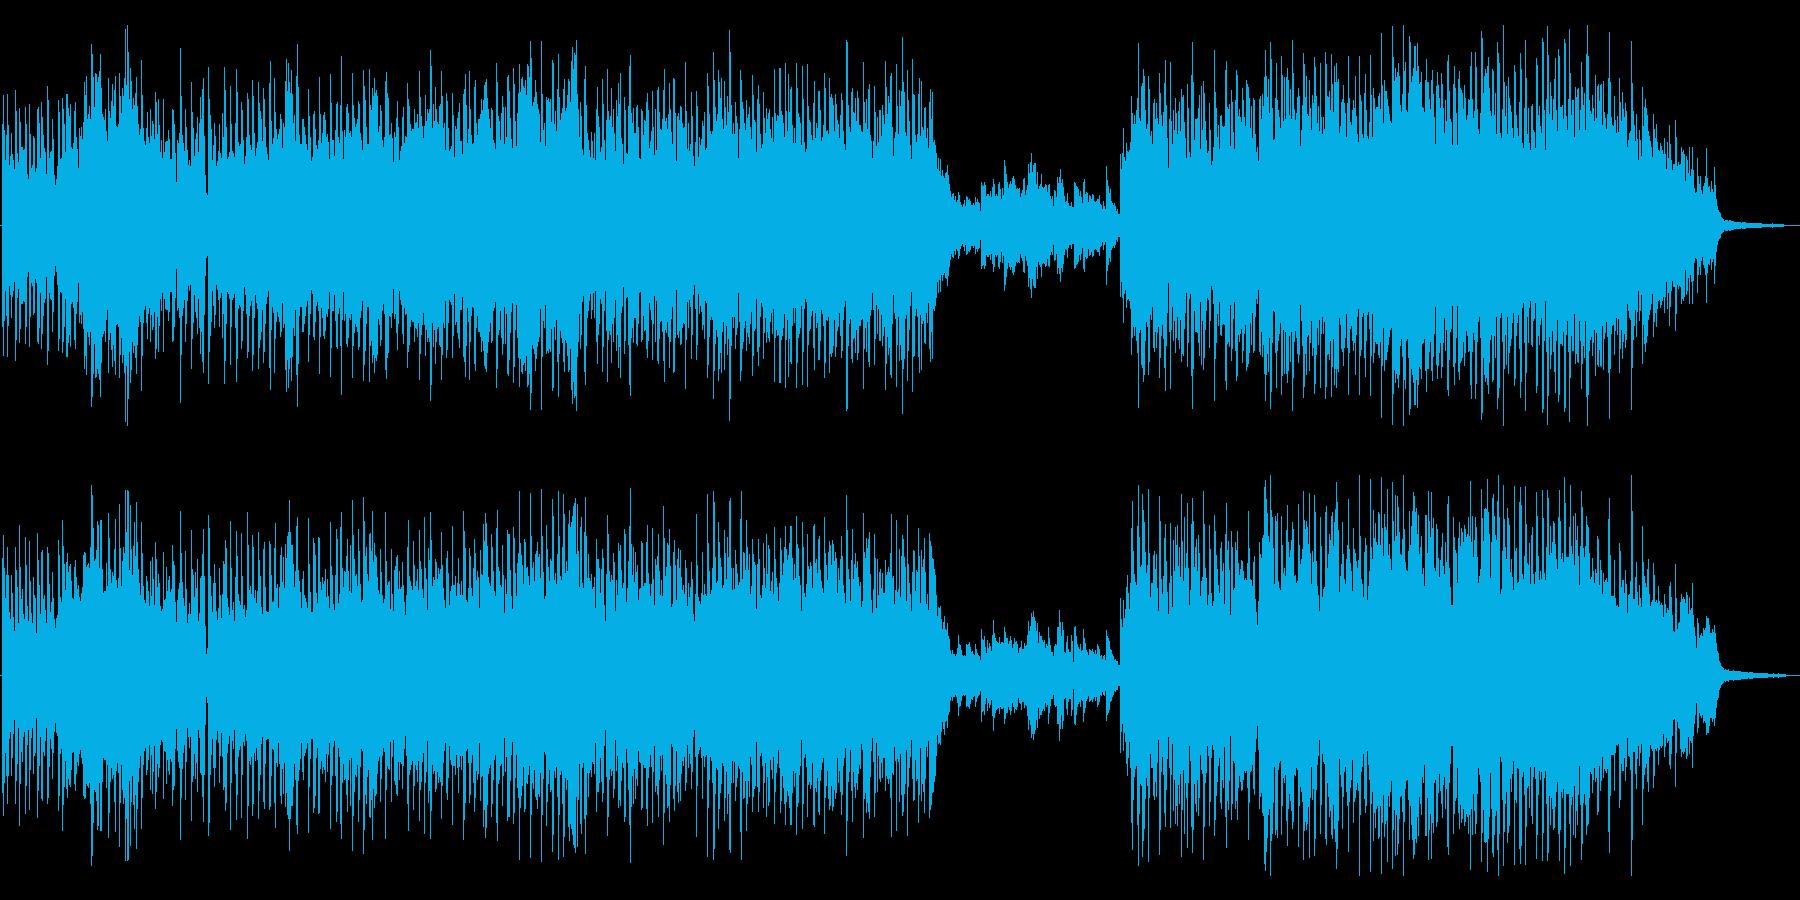 カーテンコール_ブラスとピアノが駆け巡るの再生済みの波形